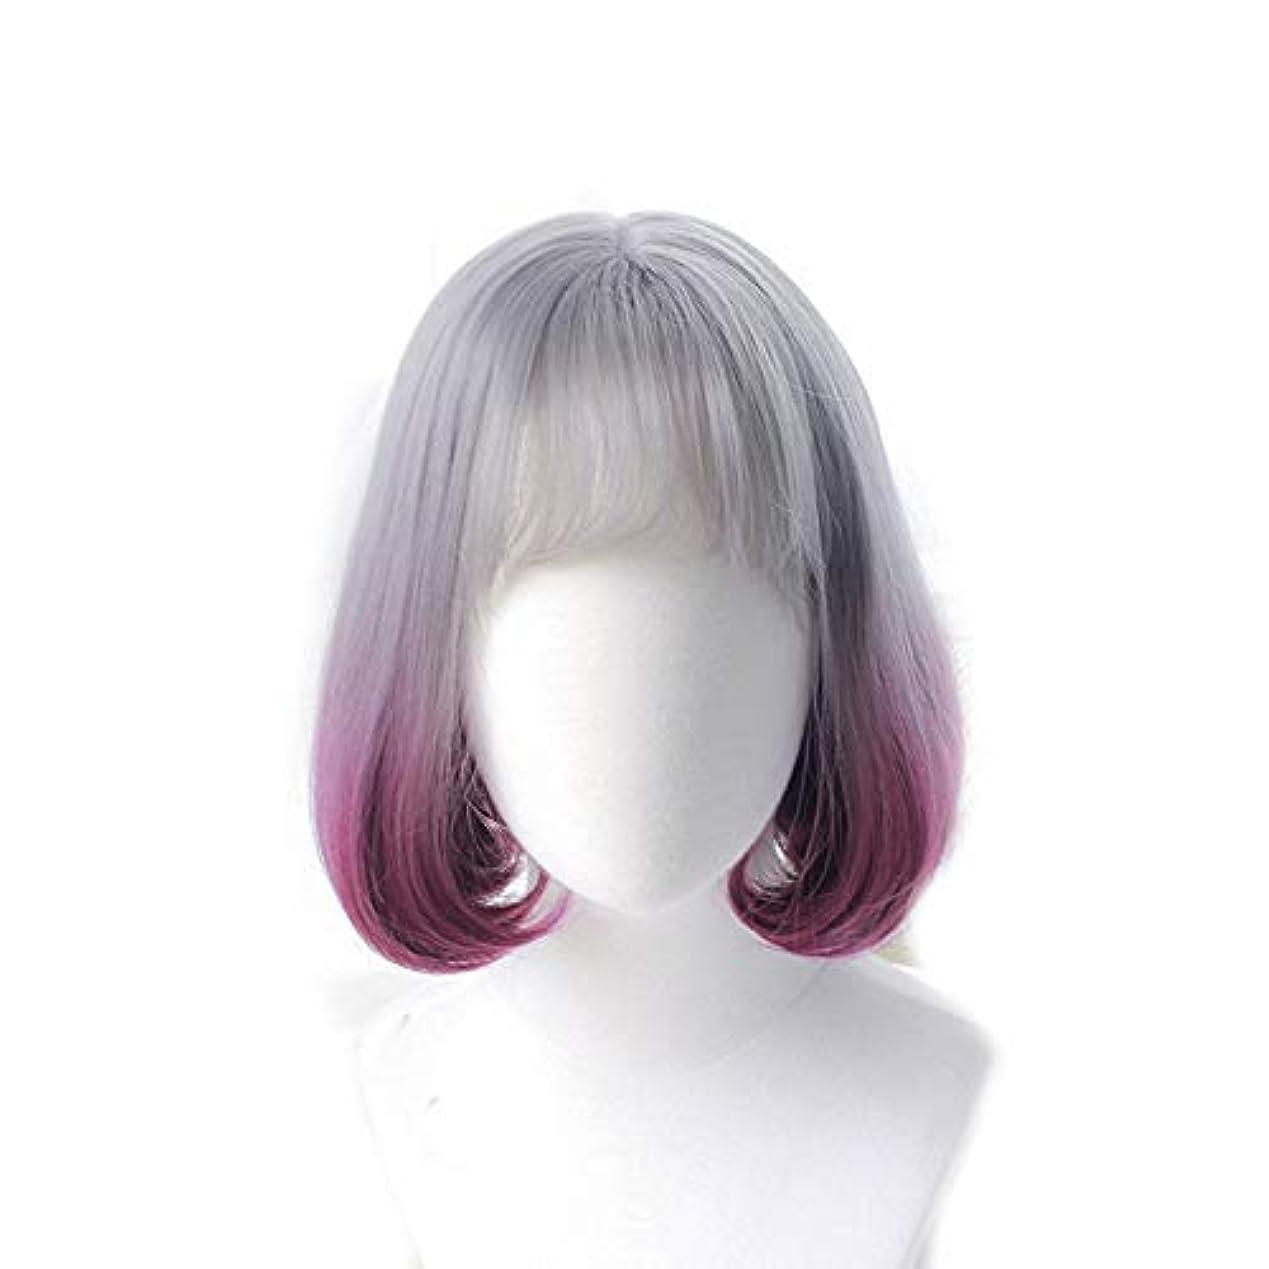 民族主義ポータルうめき声WASAIO コスプレウィッグ波状ショート美しいボブアクセサリースタイル交換用ファイバーロングカーリー合成前髪アニメパーティー女性用(スモークグレーグラデーション) (色 : Photo Color)